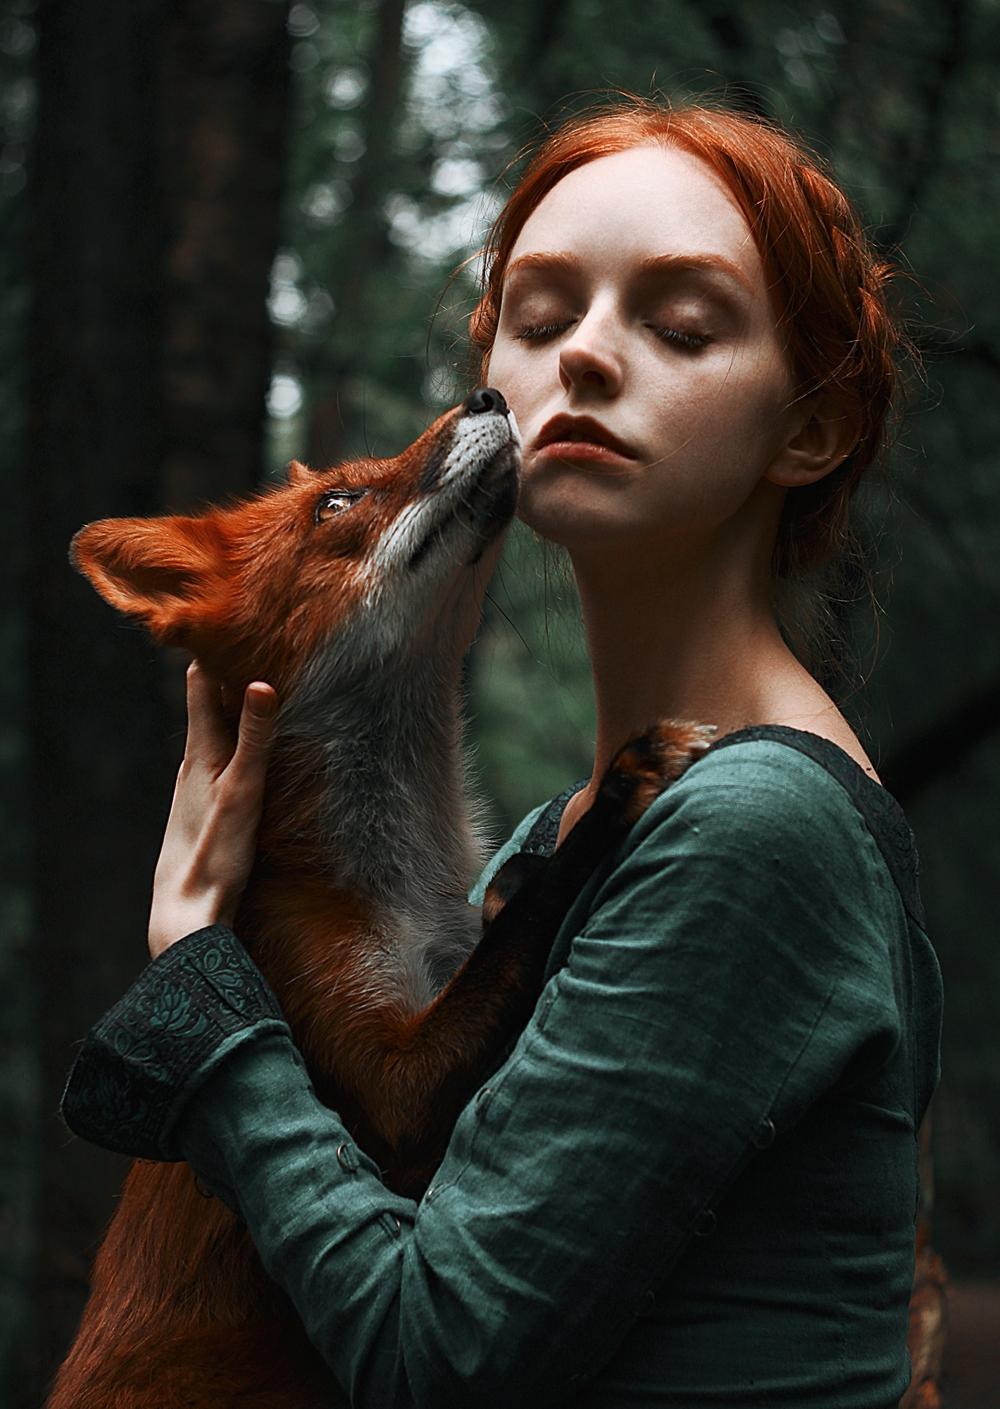 alexandra-bochkareva-fairytale-portraits-of-redheads_0004